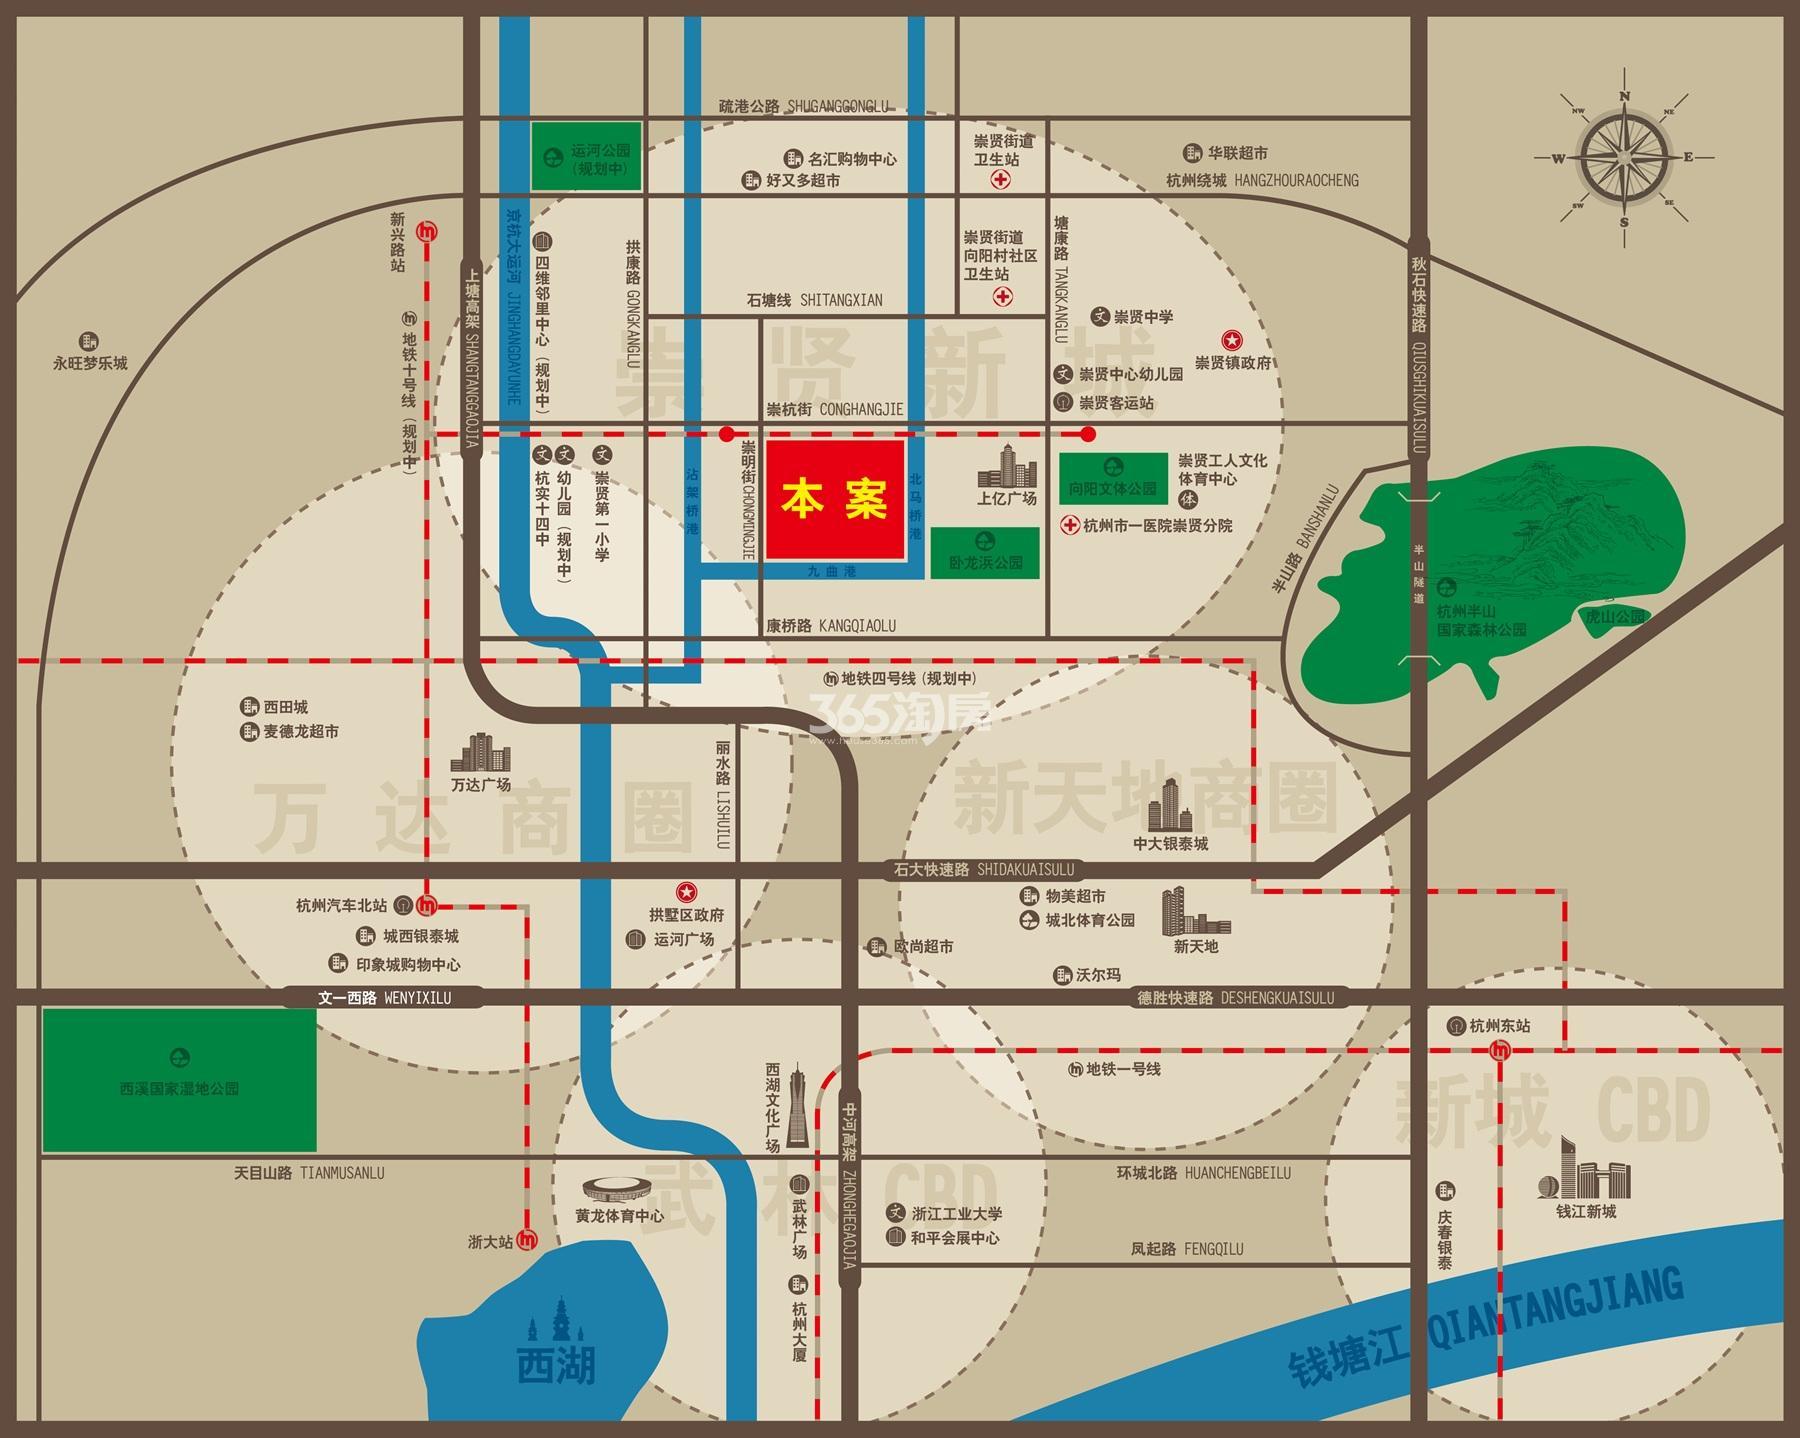 荣安翡翠半岛交通图